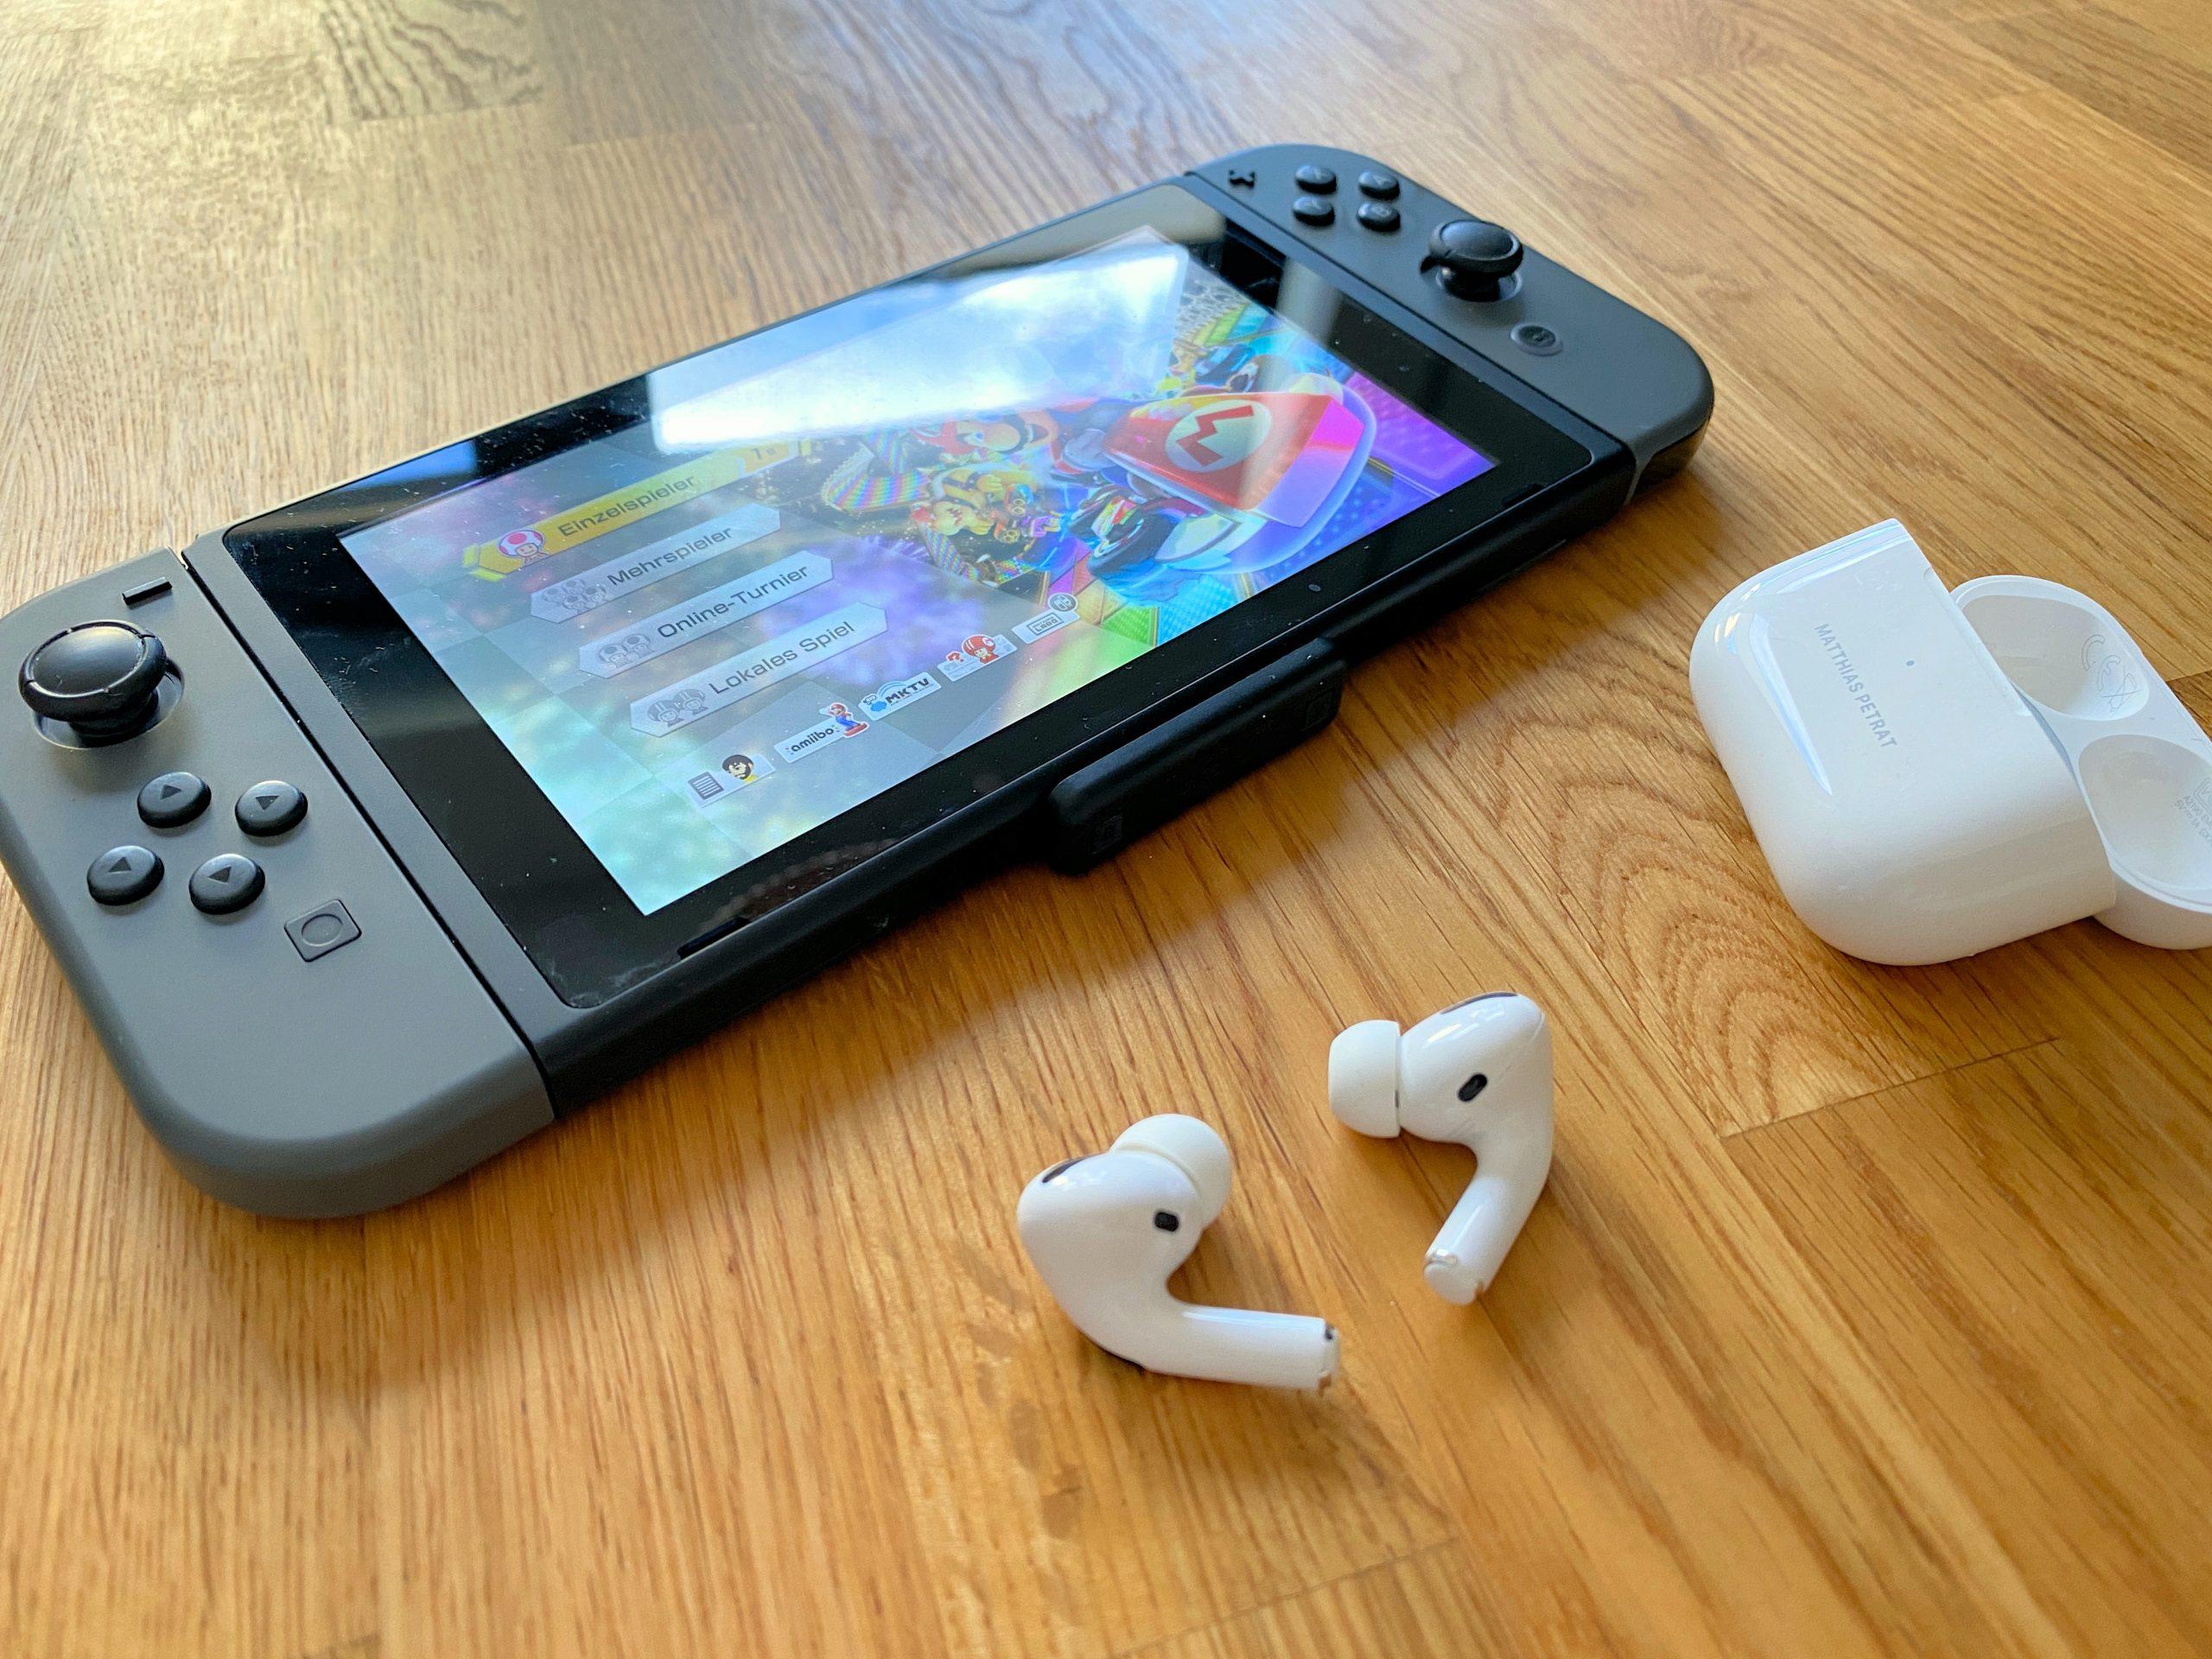 AirPods-AirPods-Pro-und-andere-Bluetoothkopfhörer-mit-der-Nintendo-Switch-nutzen1-scaled AirPods, AirPods Pro und AirPods Max mit der Nintendo Switch nutzen